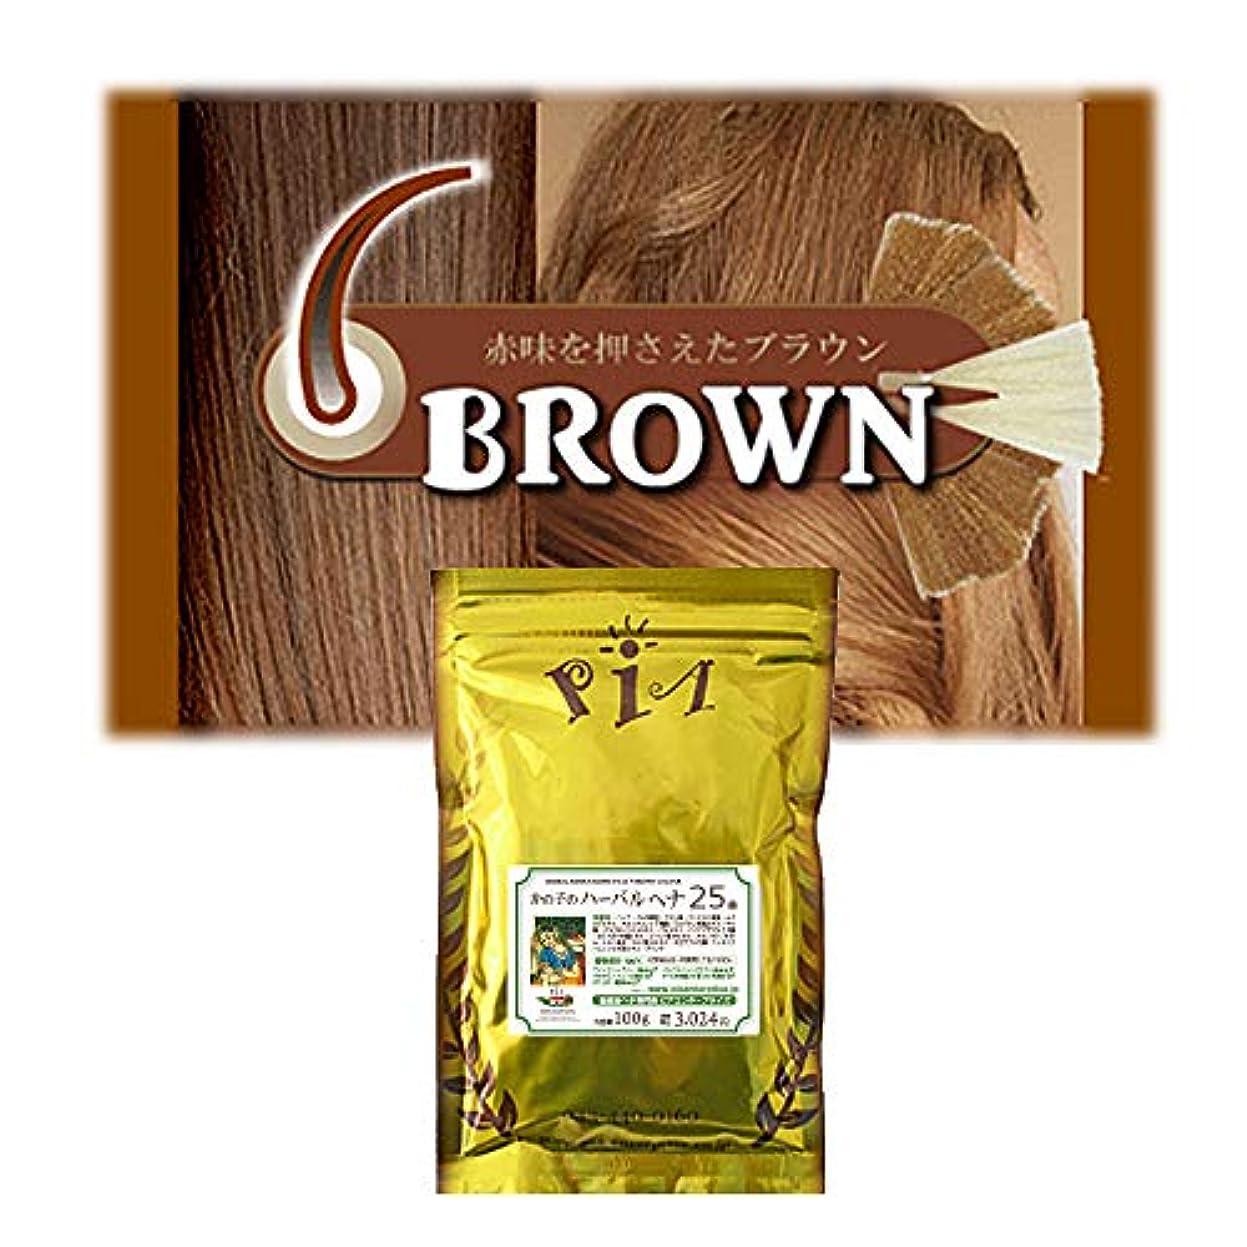 リブ自由薄める【ヘナ】 かの子のハーバルヘナ25番 (色:ブラウン|Brown )単品|ハケブラシはついておりません。